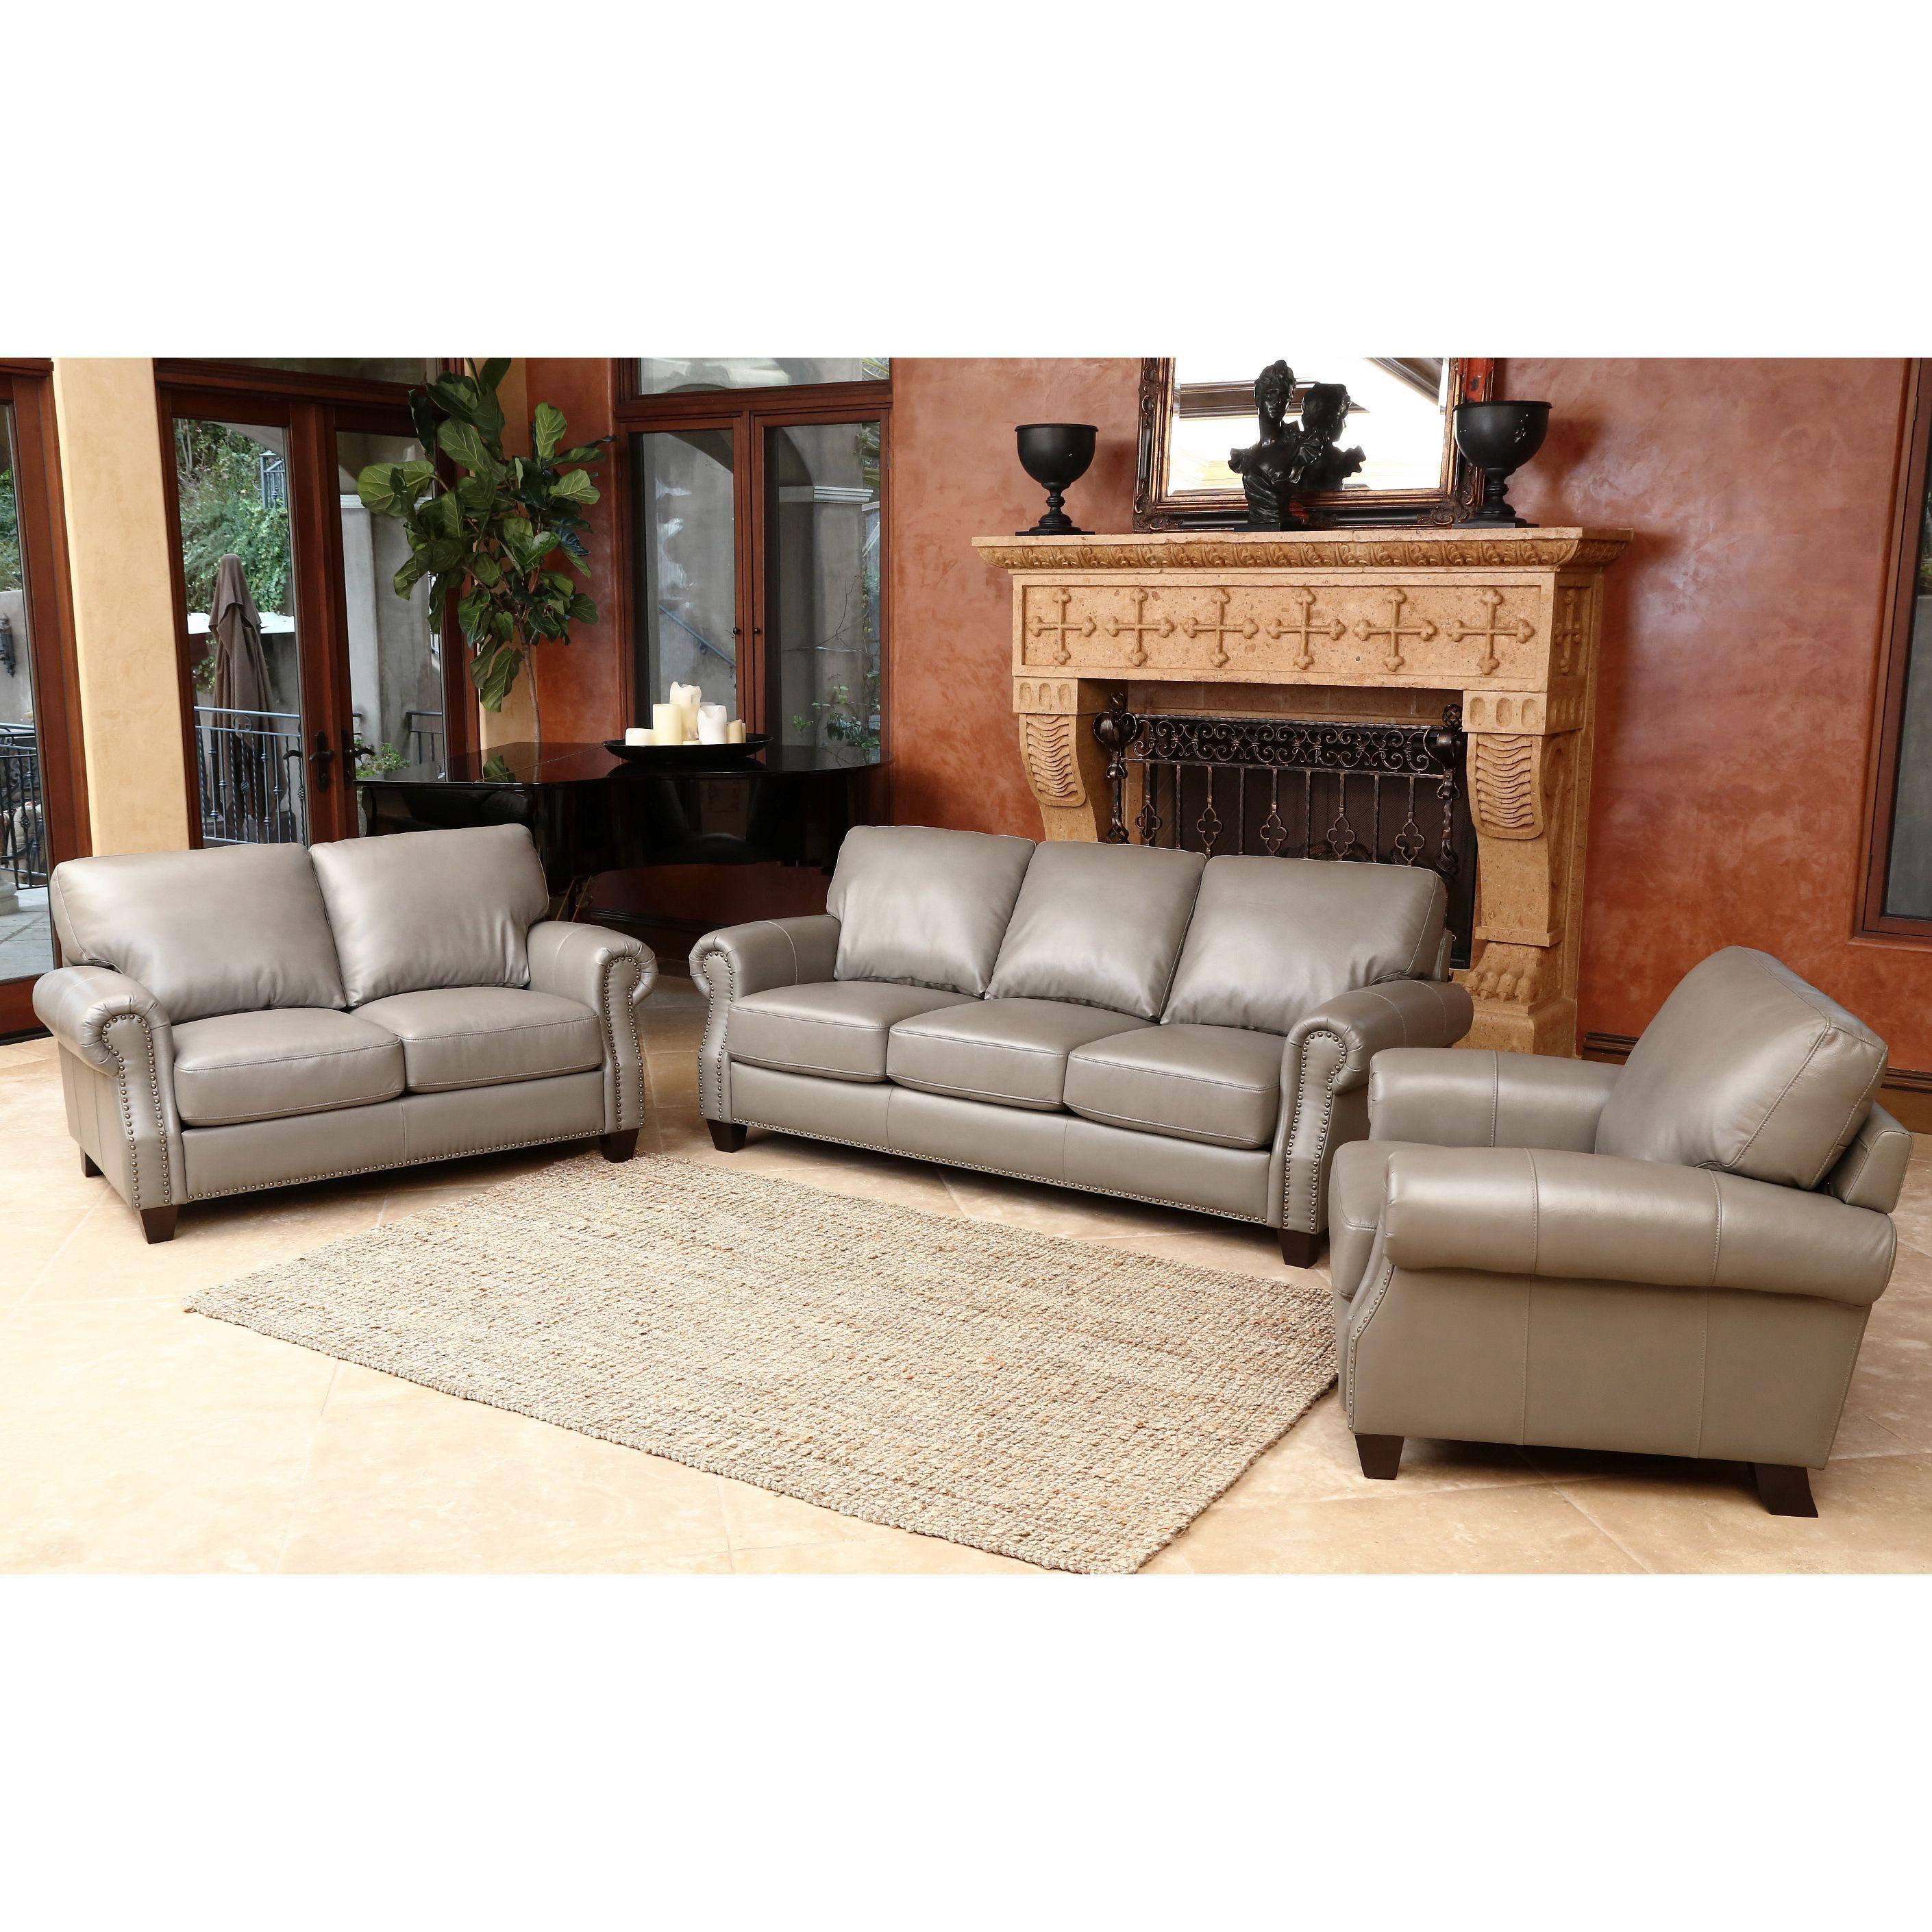 Best Abbyson Landon Top Grain Leather 3 Piece Living Room Set 400 x 300